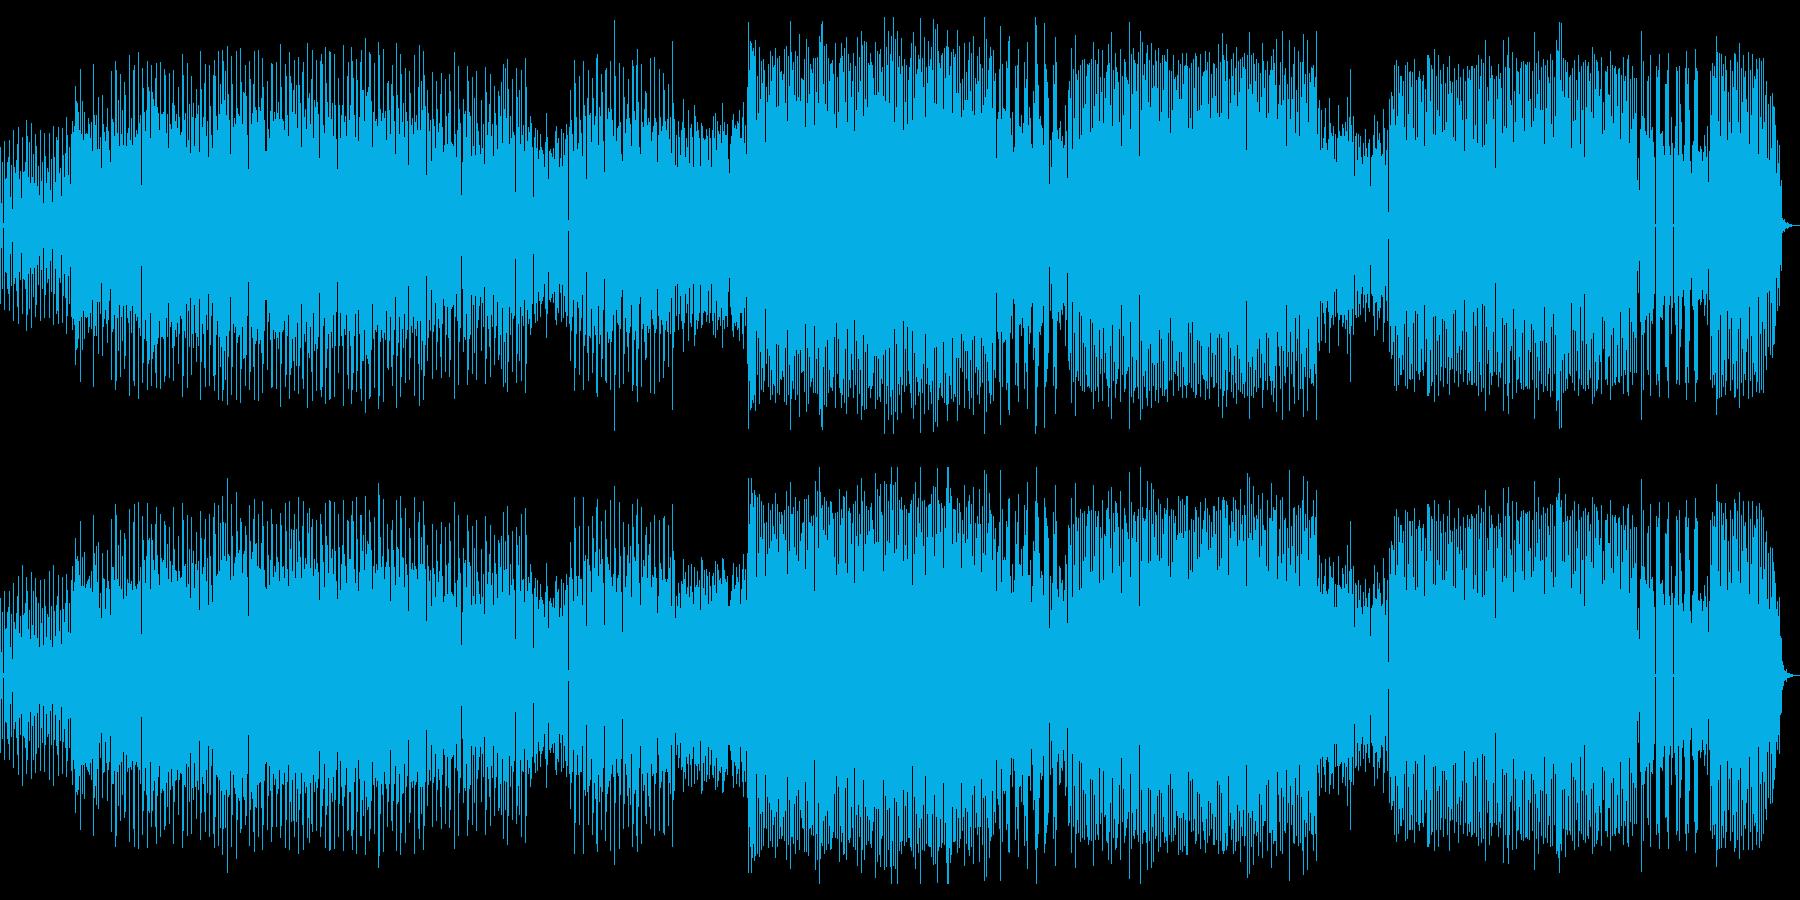 疾走感のある感動系ピアノブレイクビーツの再生済みの波形